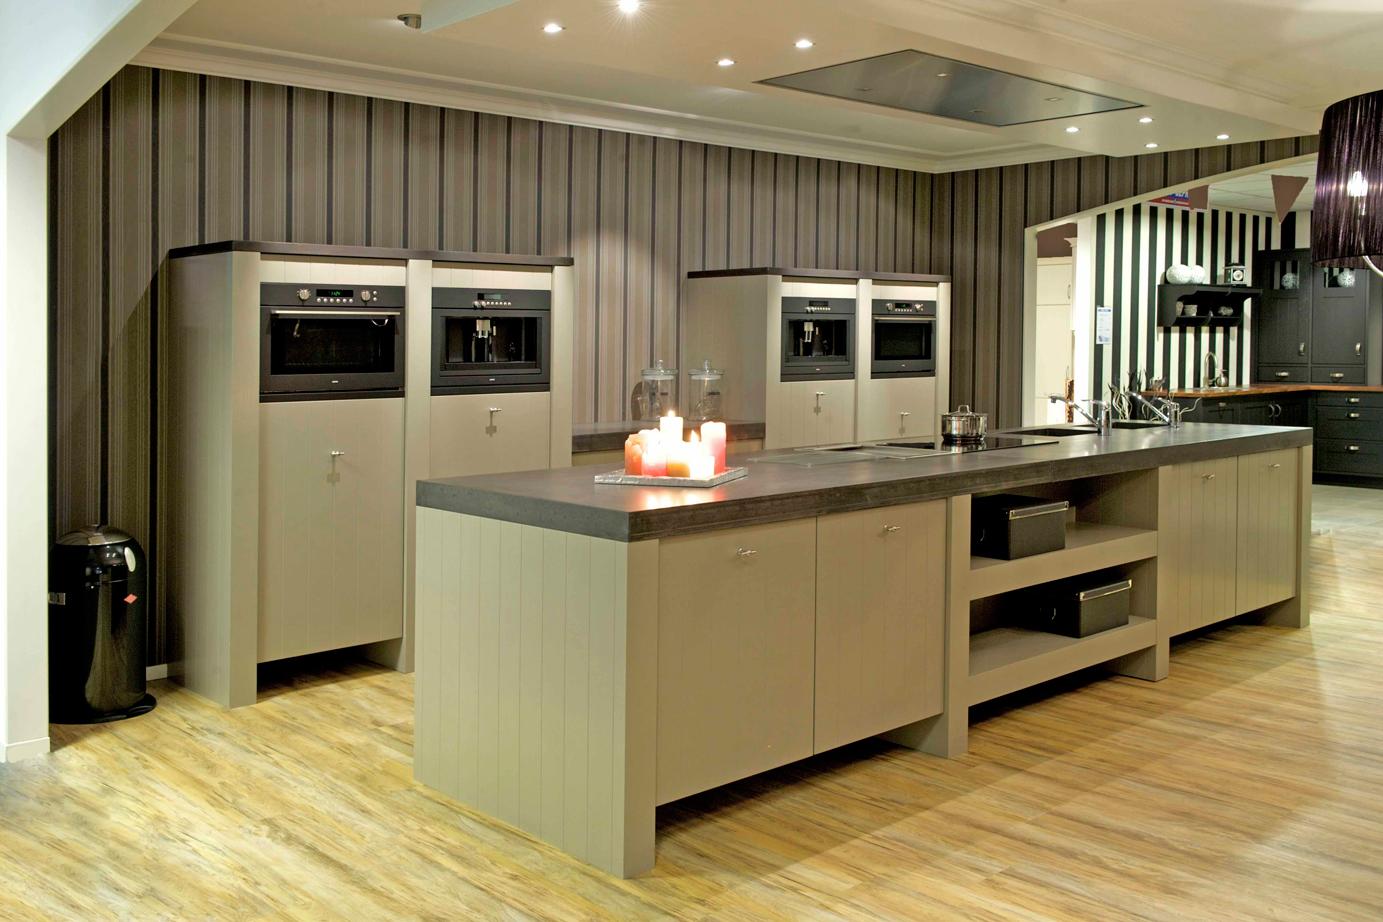 Keukens Met Kookeiland : Keuken met kookeiland Bijzonder aanrechtblad DB Keukens